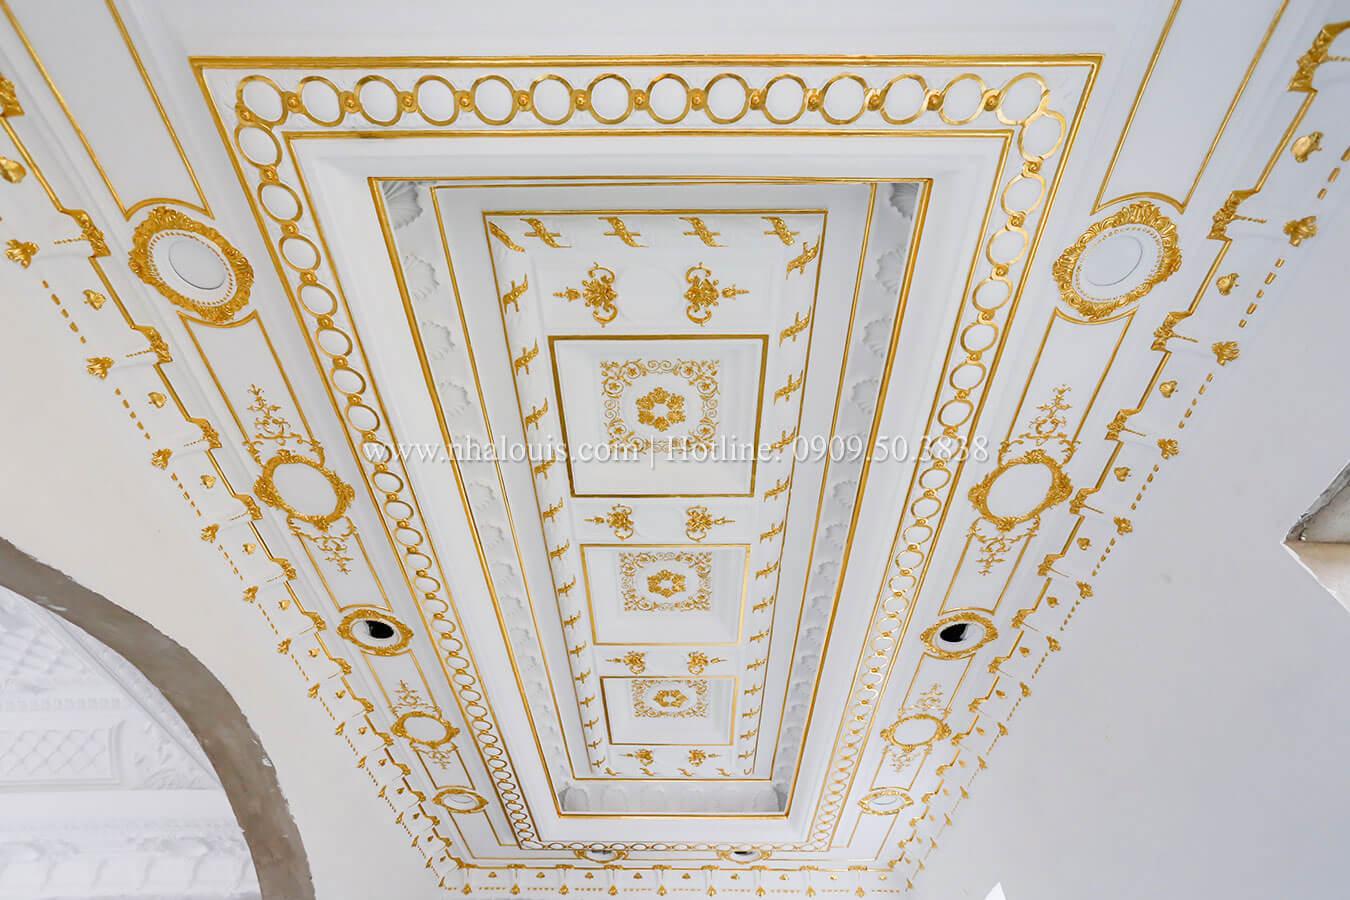 Điều cần biết về trần thạch cao cổ điển cao cấp cho biệt thự cổ điển 2 tầng